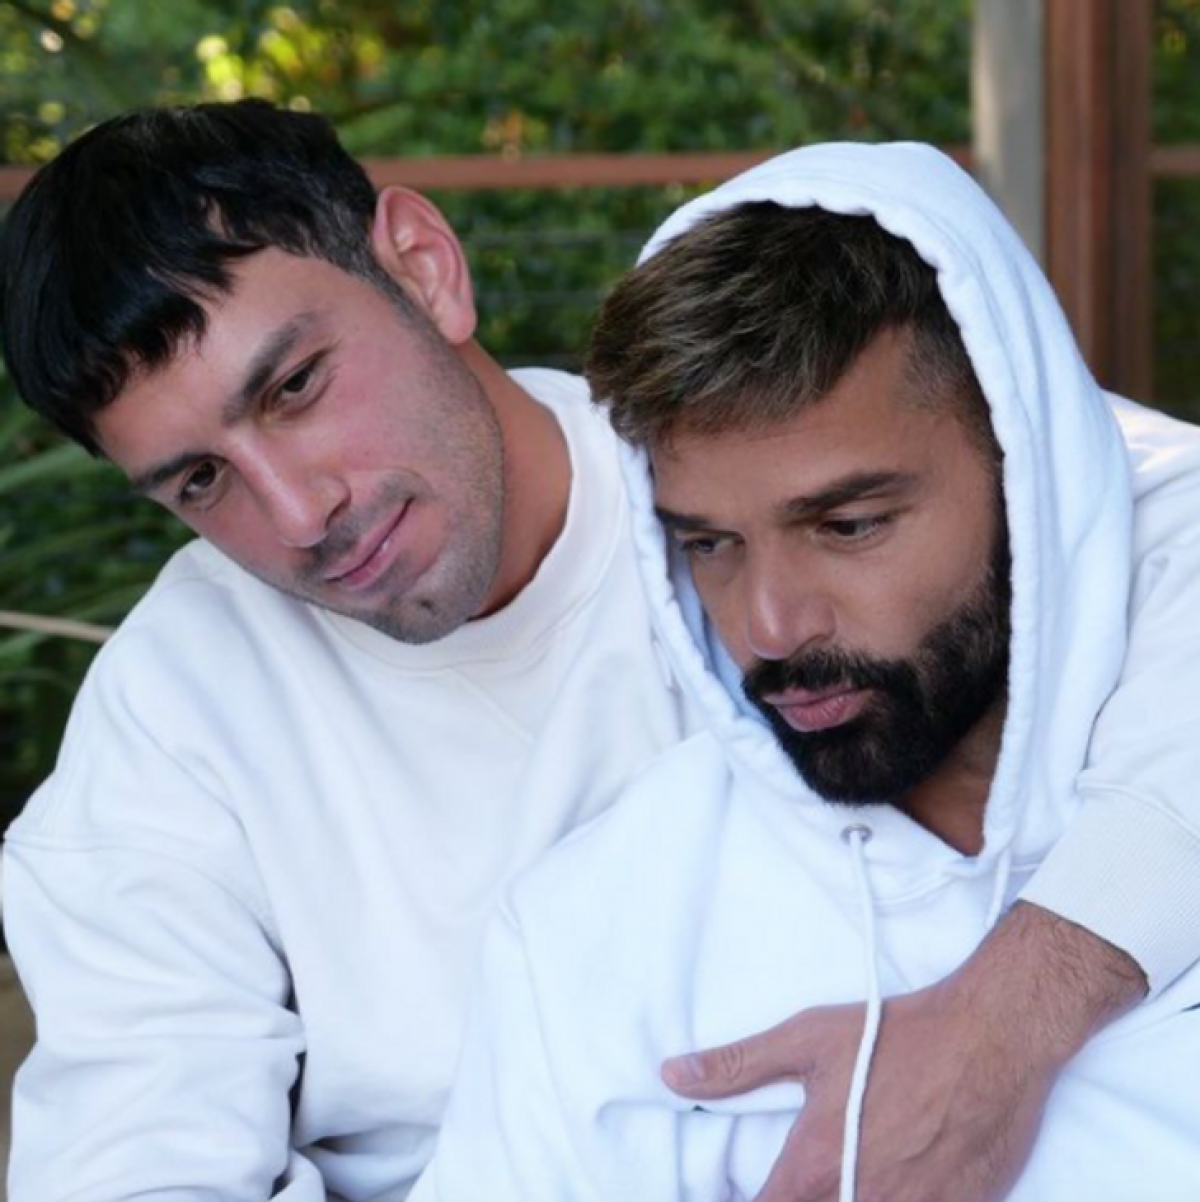 """Ricky Martin đã gặp gỡ chồng mình, Jwan Yosef, trên Instagram. """"Tôi đã gặp vị hôn phu của mình trên Instagram. Tôi là người làm nghệ thuật và anh ấy là một nghệ sĩ. Tôi đã viết thư cho anh ấy, và sau đó chúng tôi đã nói chuyện trong 6 tháng mà tôi không nghe thấy giọng nói của anh ấy"""", Martin chia sẻ. Sau đó, họ gặp nhau tại London và sống hạnh phúc kể từ đó./."""